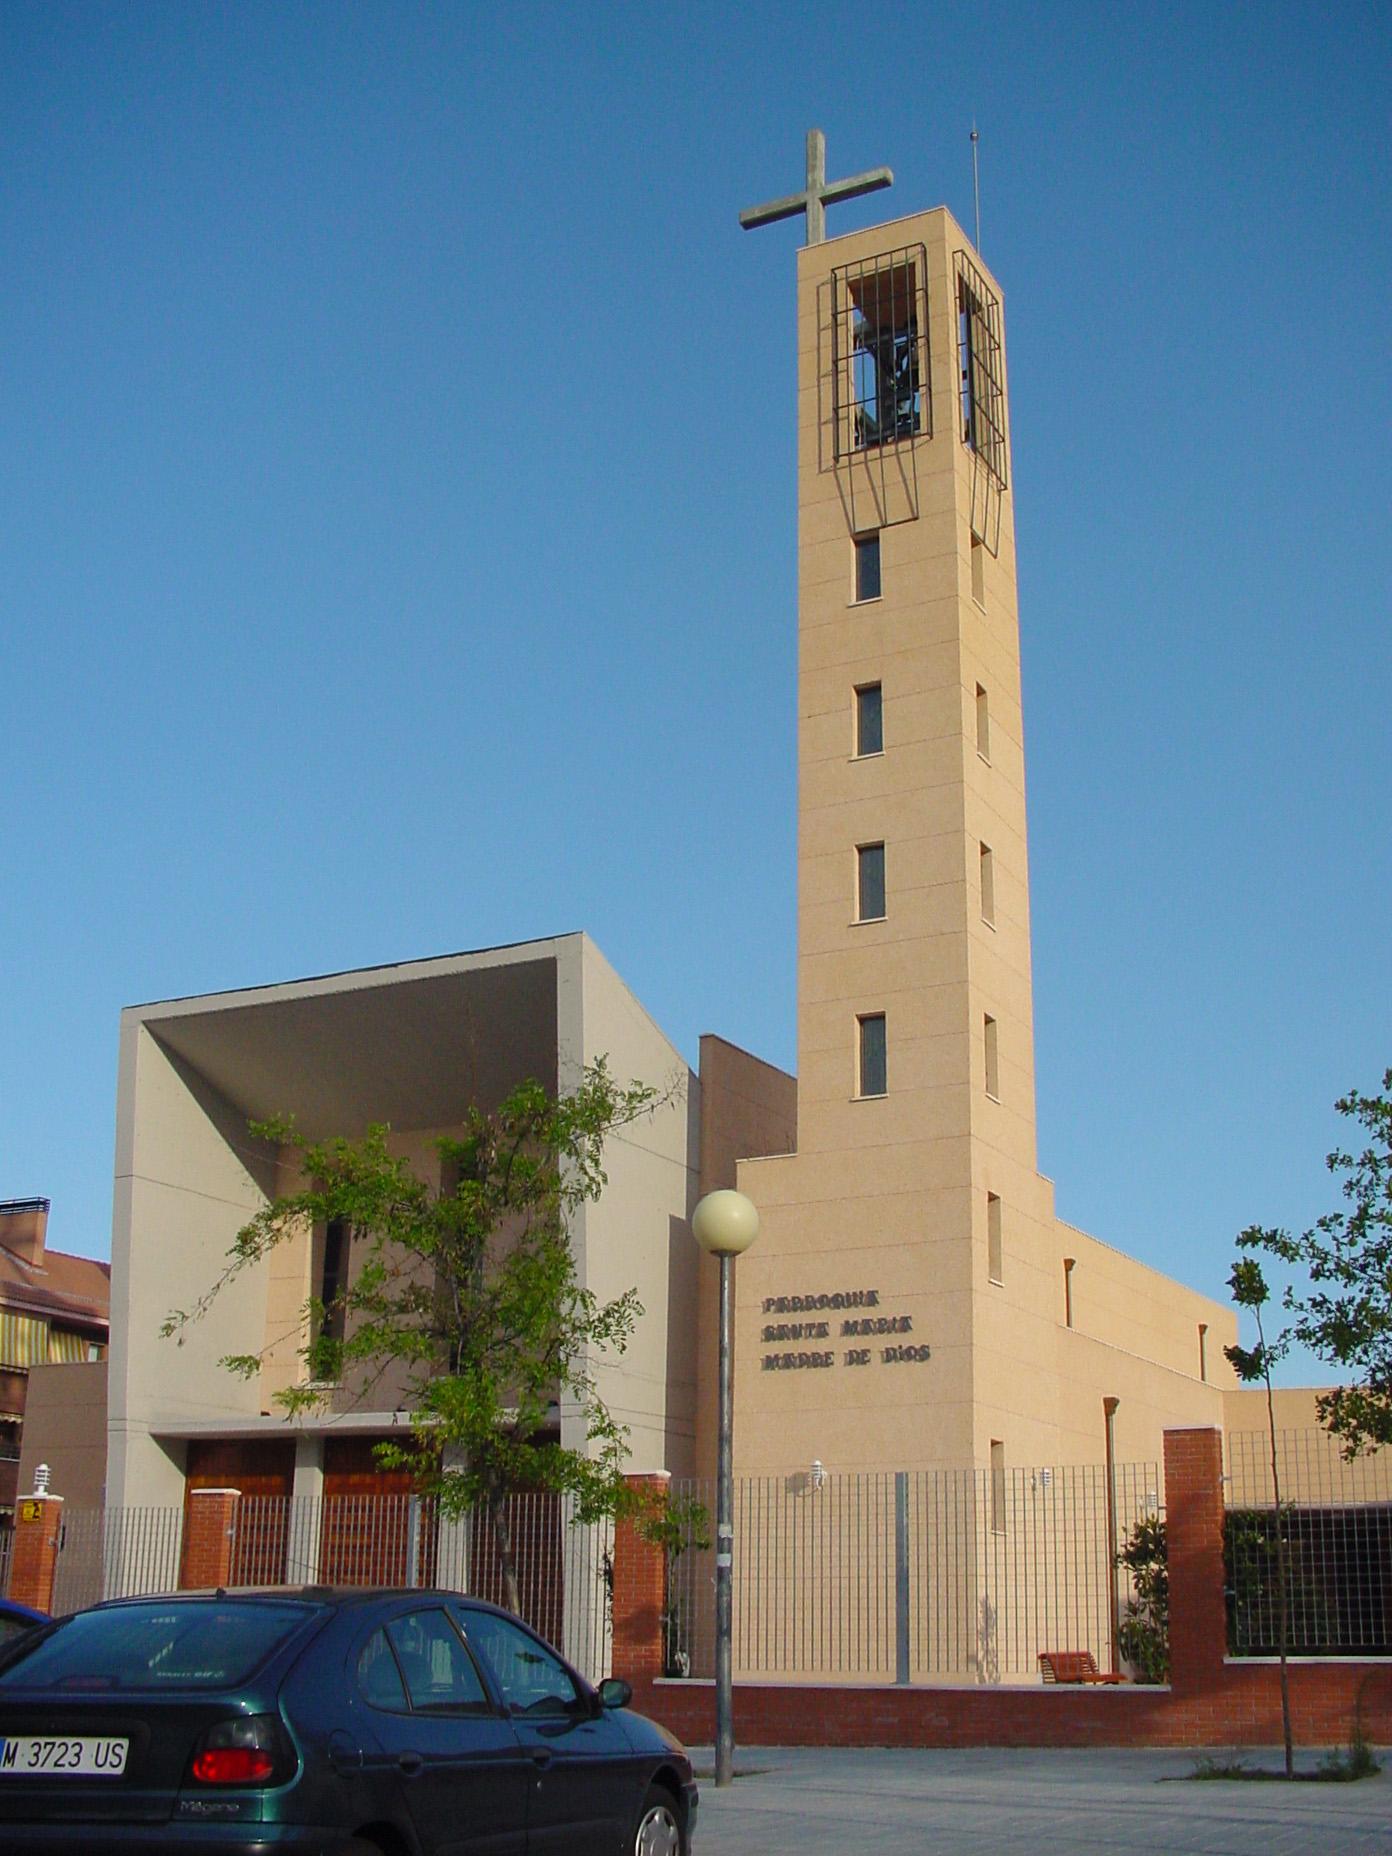 Parroquia de Santa María Madre de Dios en Tres Cantos